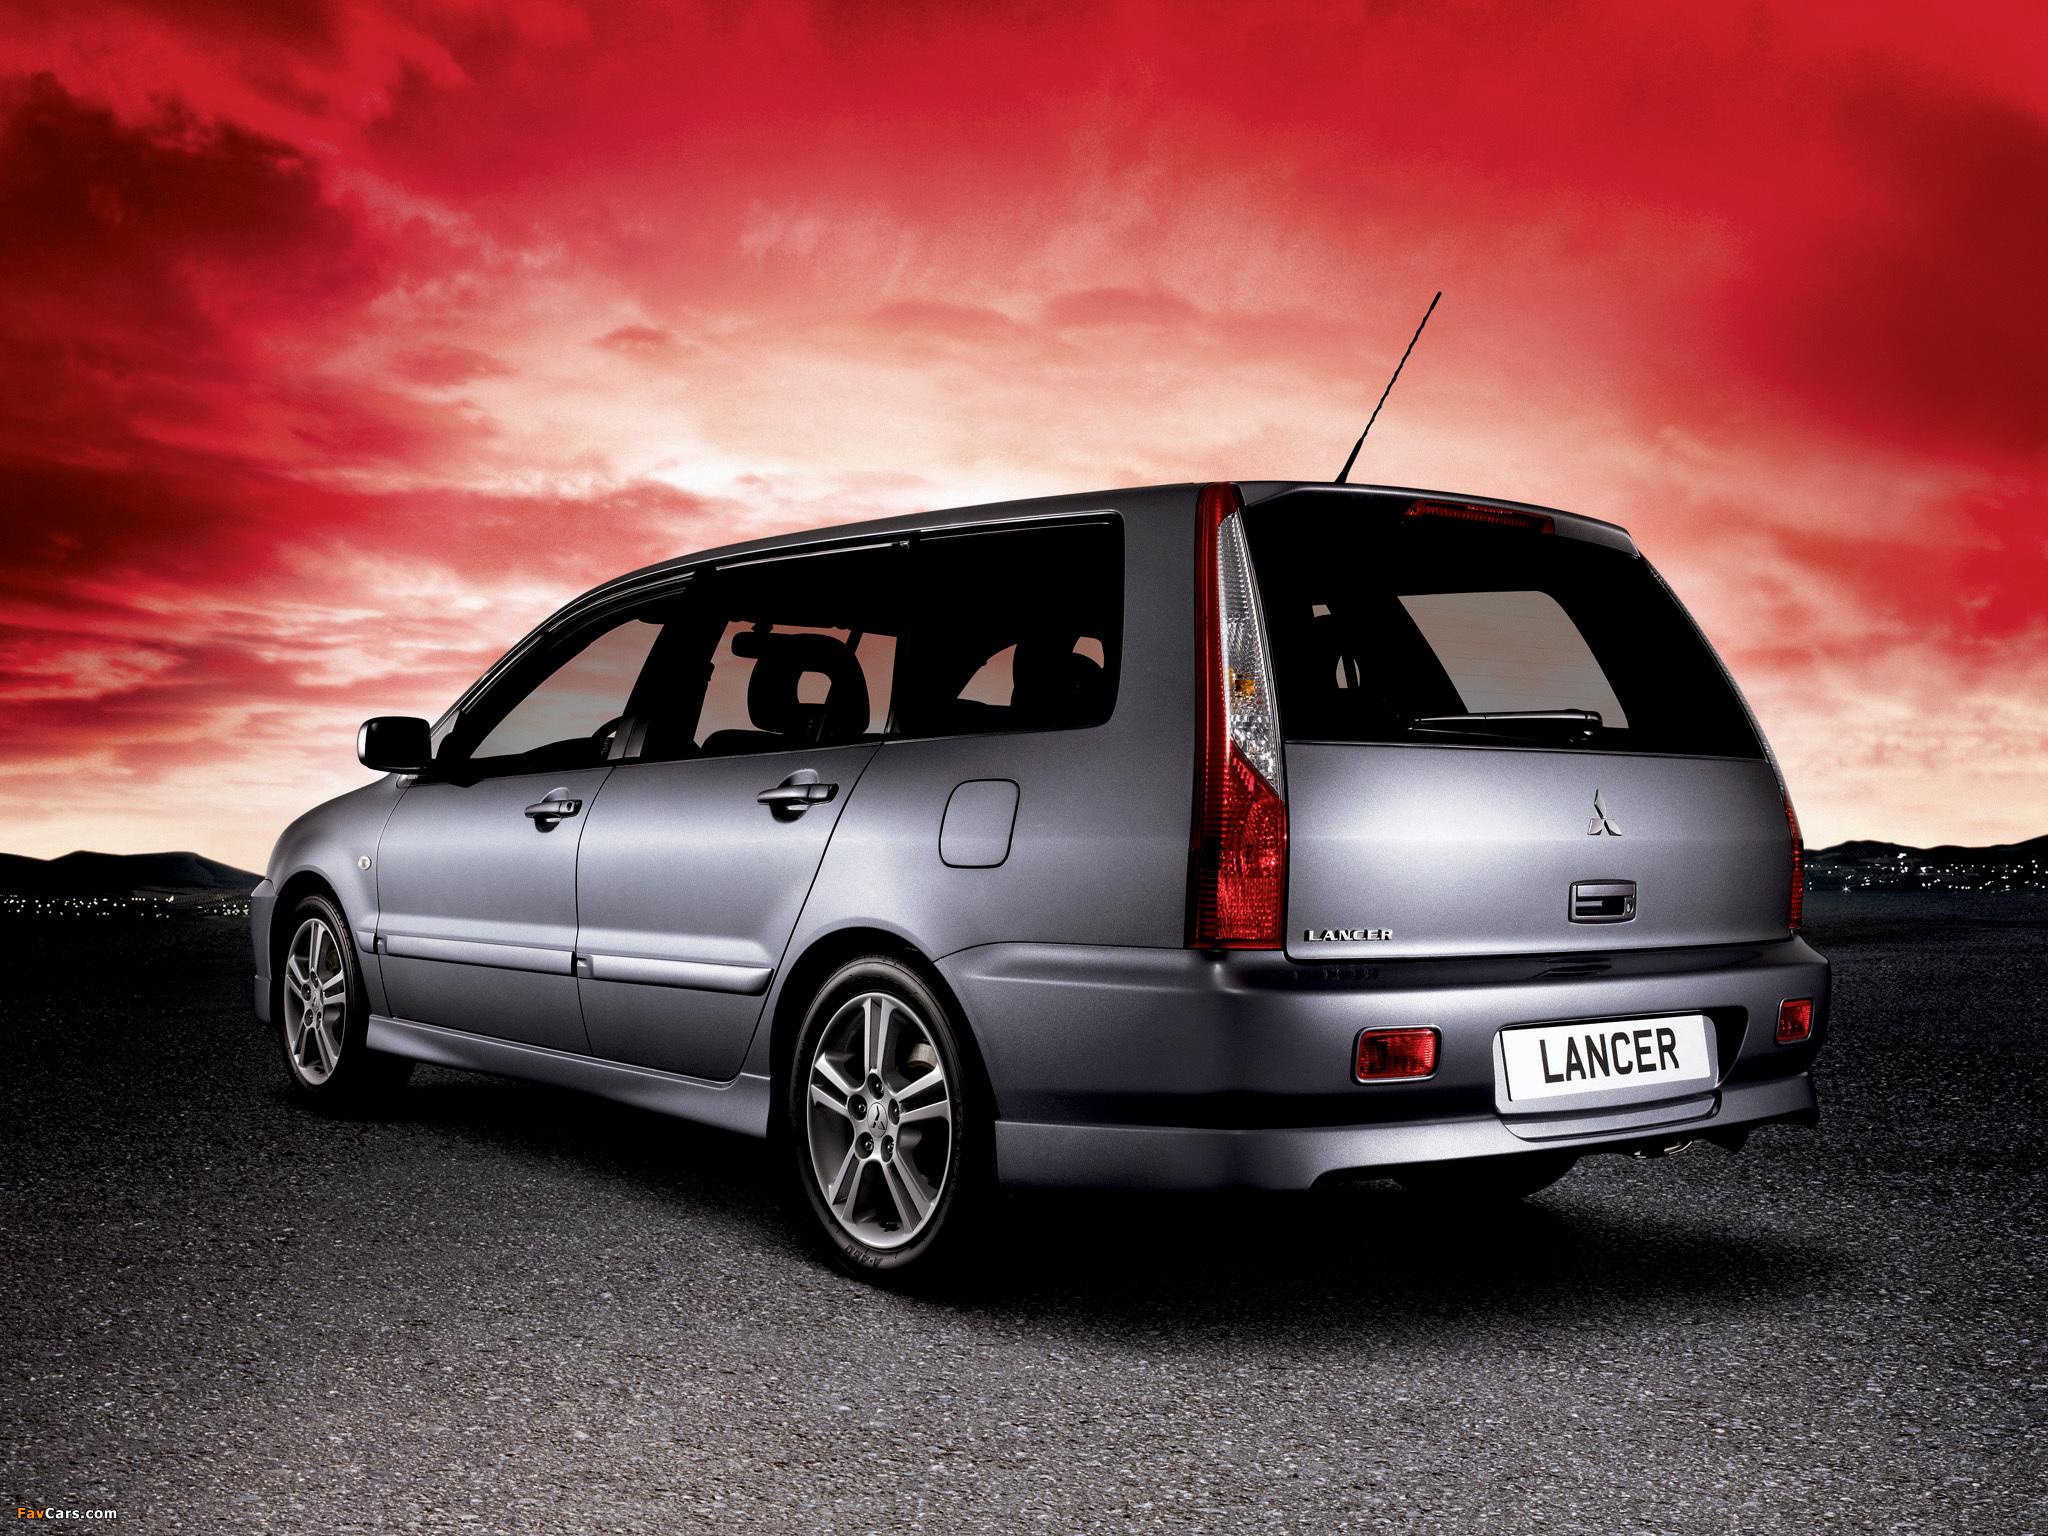 Неприятный звук при закрывании крышки или двери багажника на Mitsubishi Lancer 9